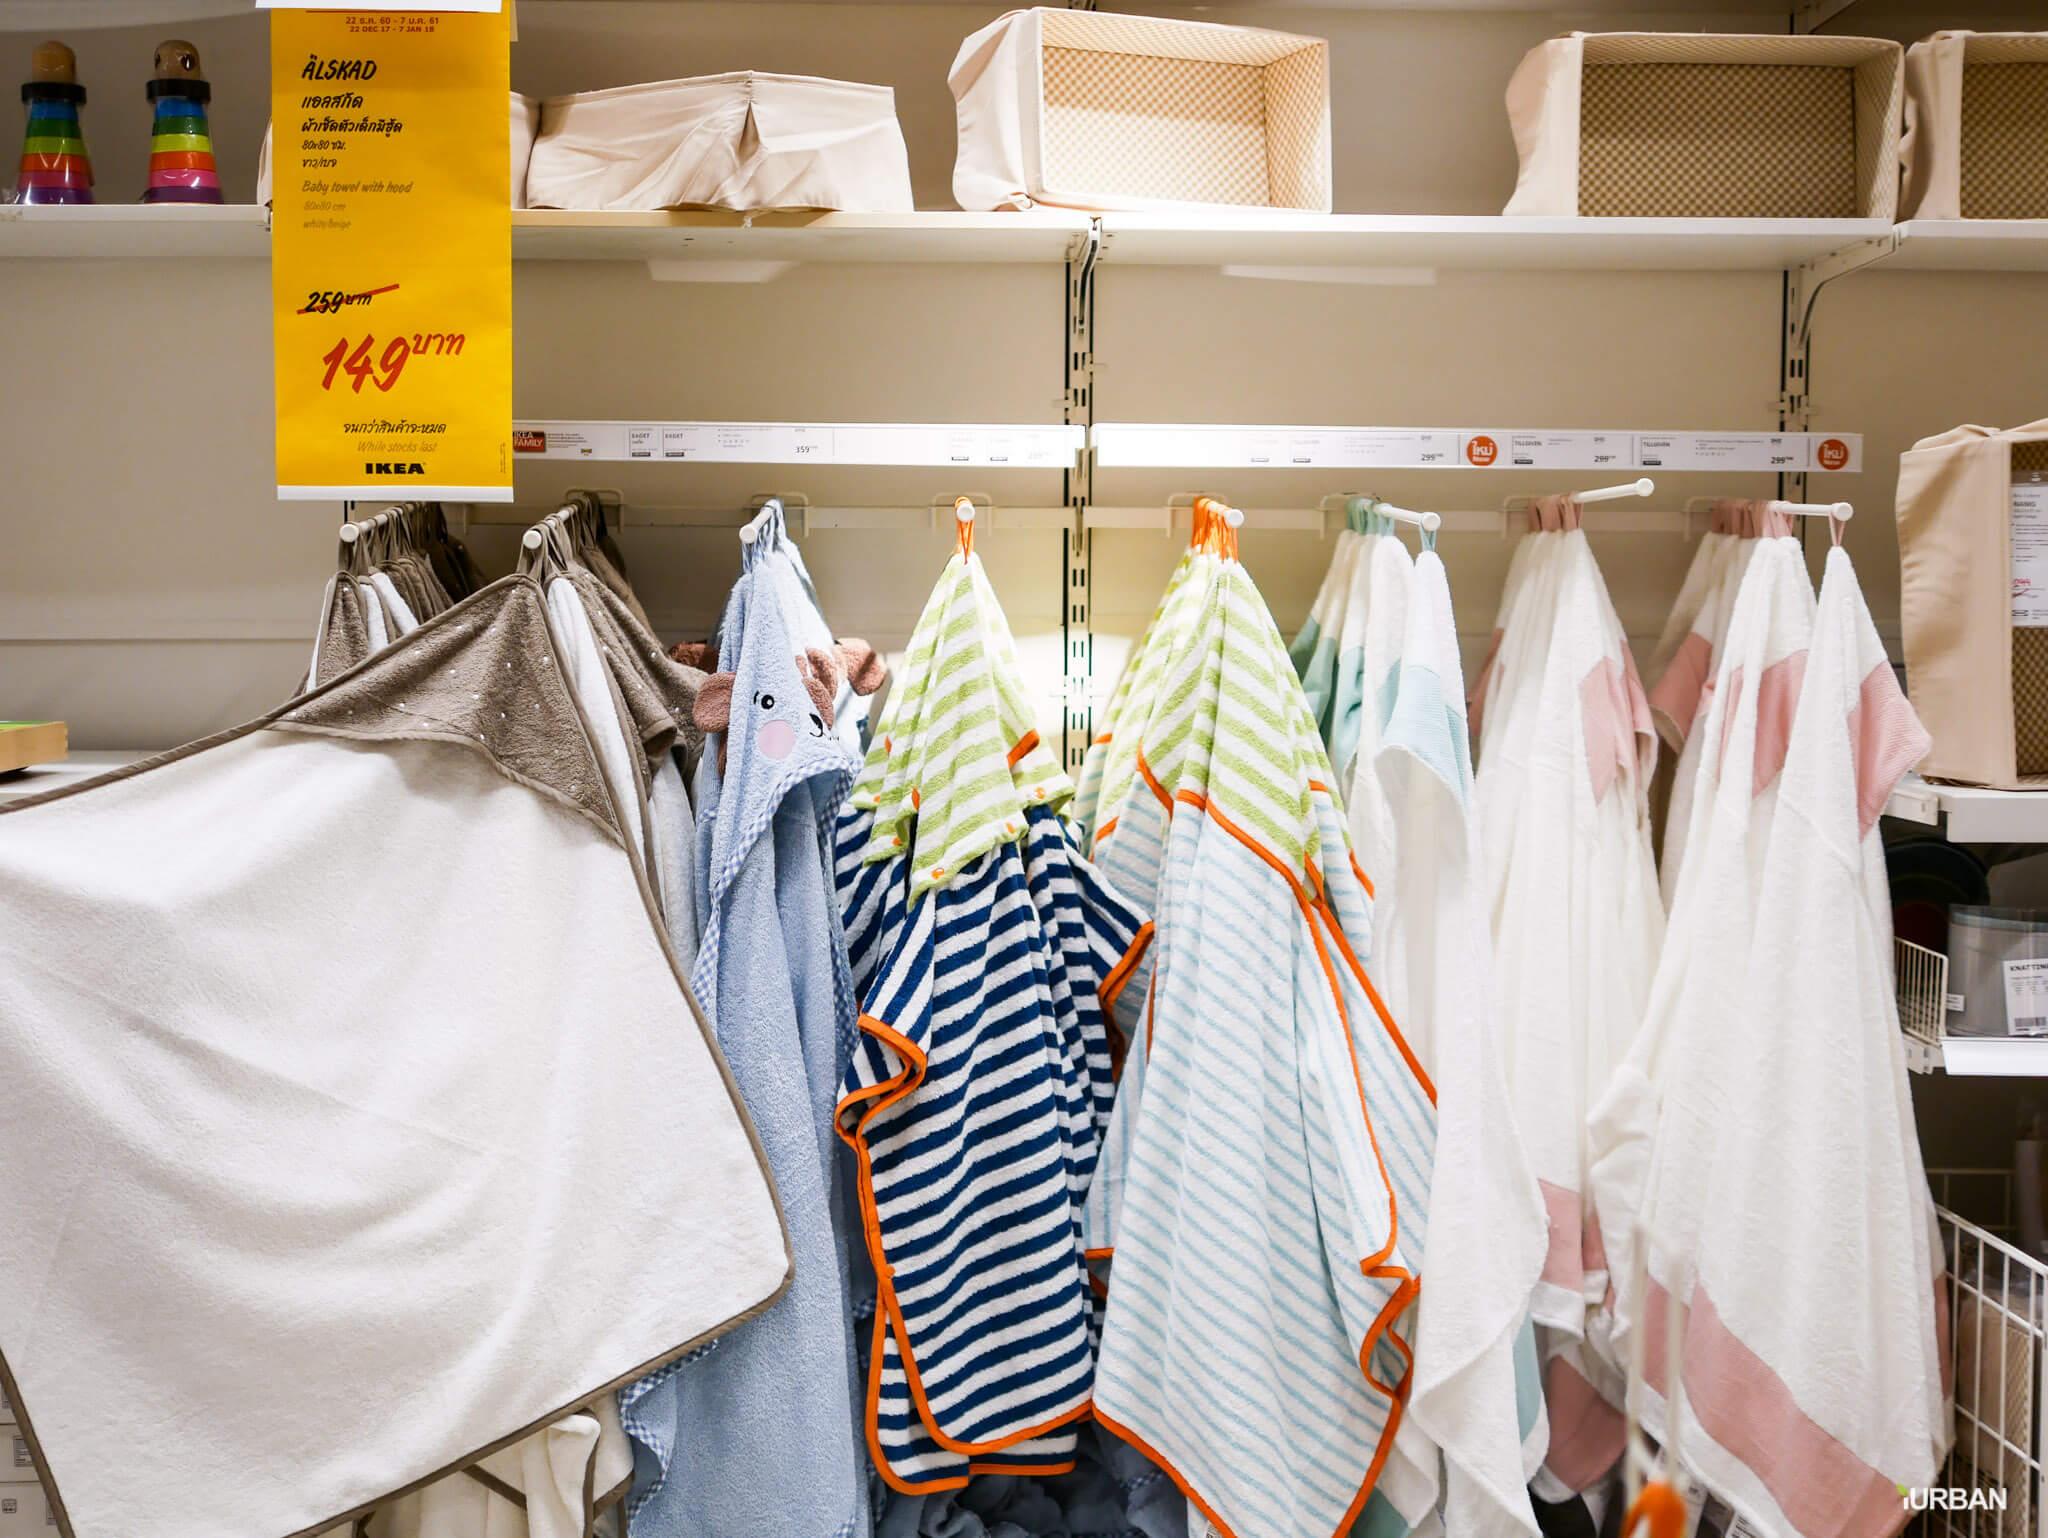 %name มันเยอะมากกกก!! IKEA Year End SALE 2017 รวมของเซลในอิเกีย ลดเยอะ ลดแหลก รีบพุ่งตัวไป วันนี้   7 มกราคม 61